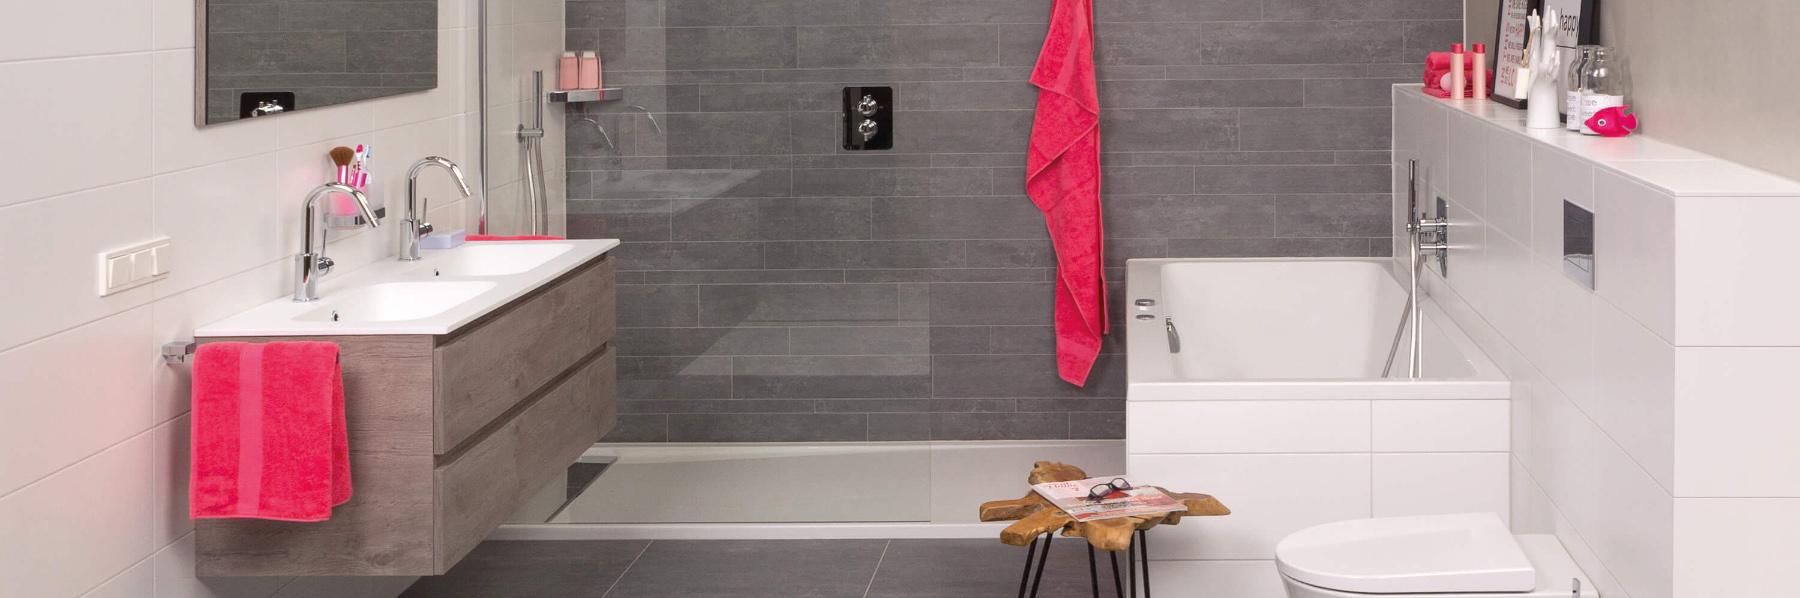 Badkamer Heerlijk - Voortman Badkamers, Keukens & Tegels in Pesse